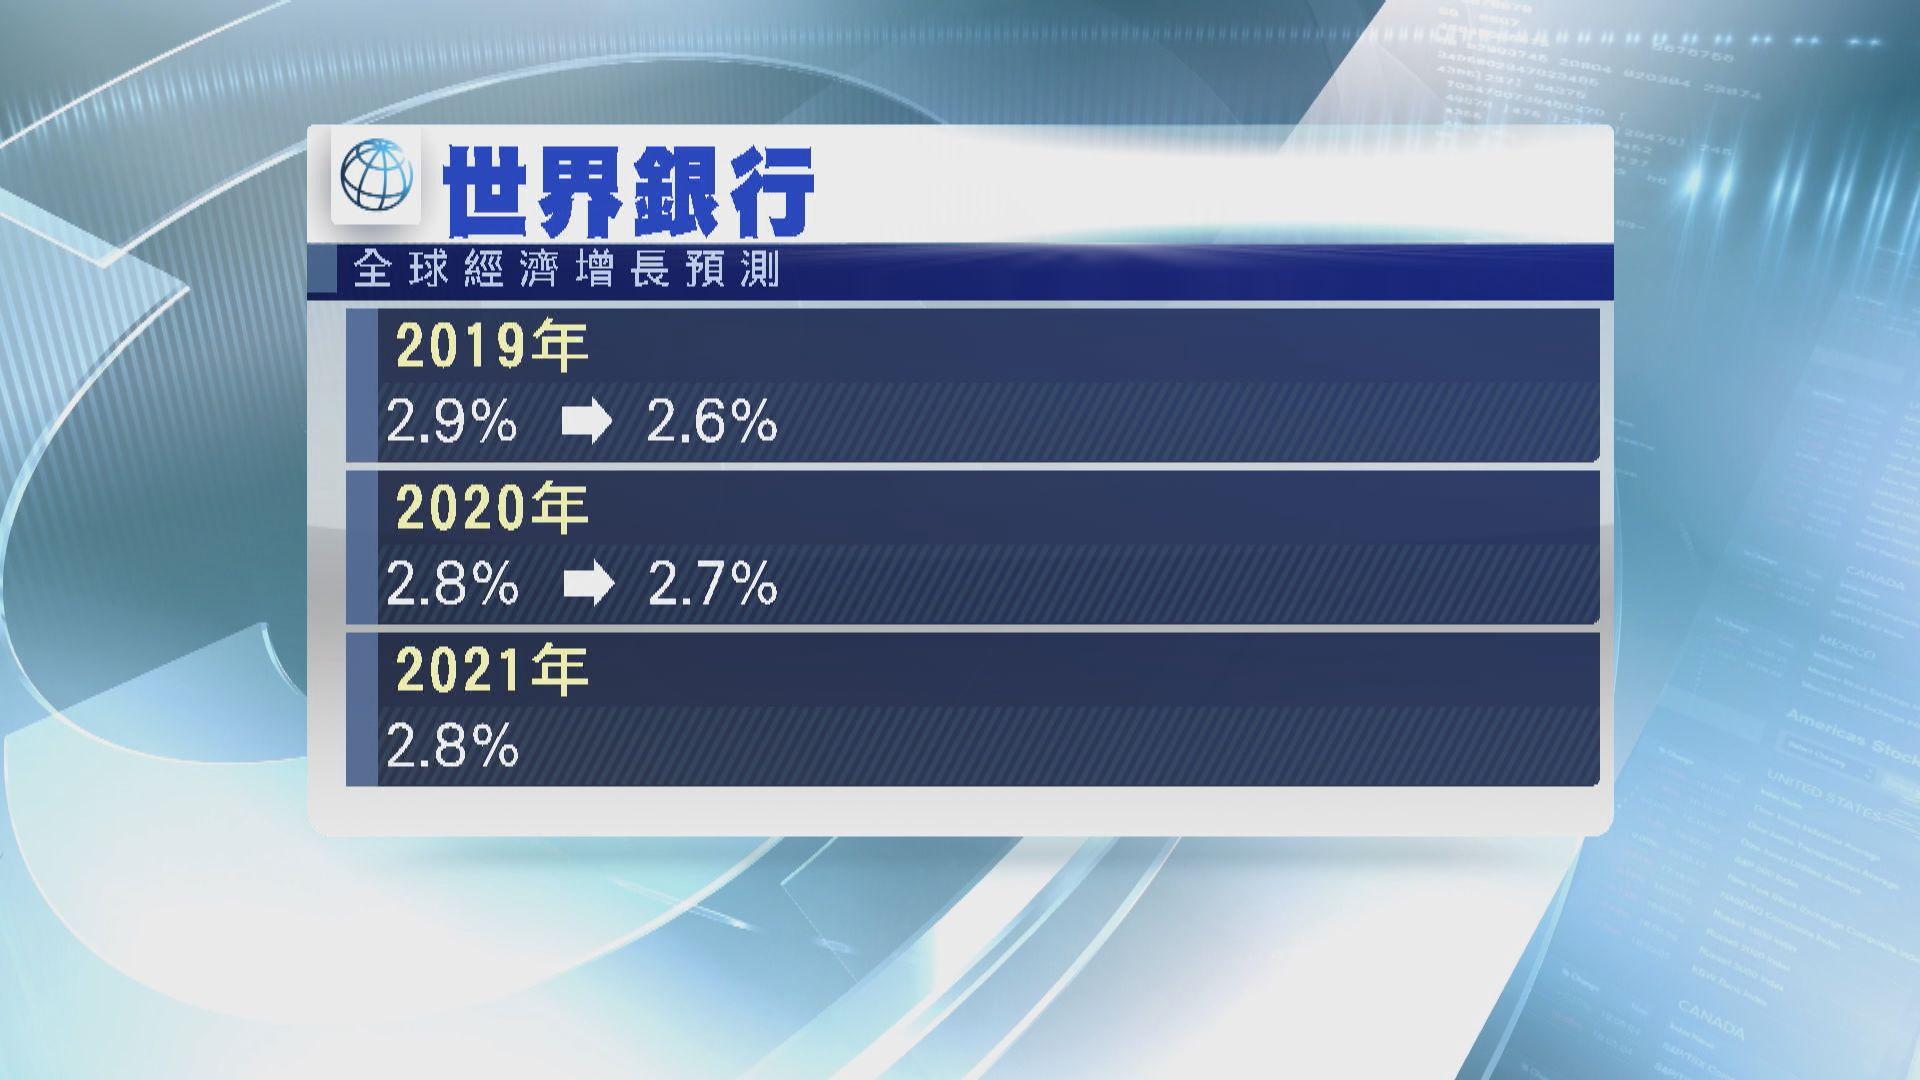 【貿戰影響】世銀降今年全球經濟增長預測至2.6%